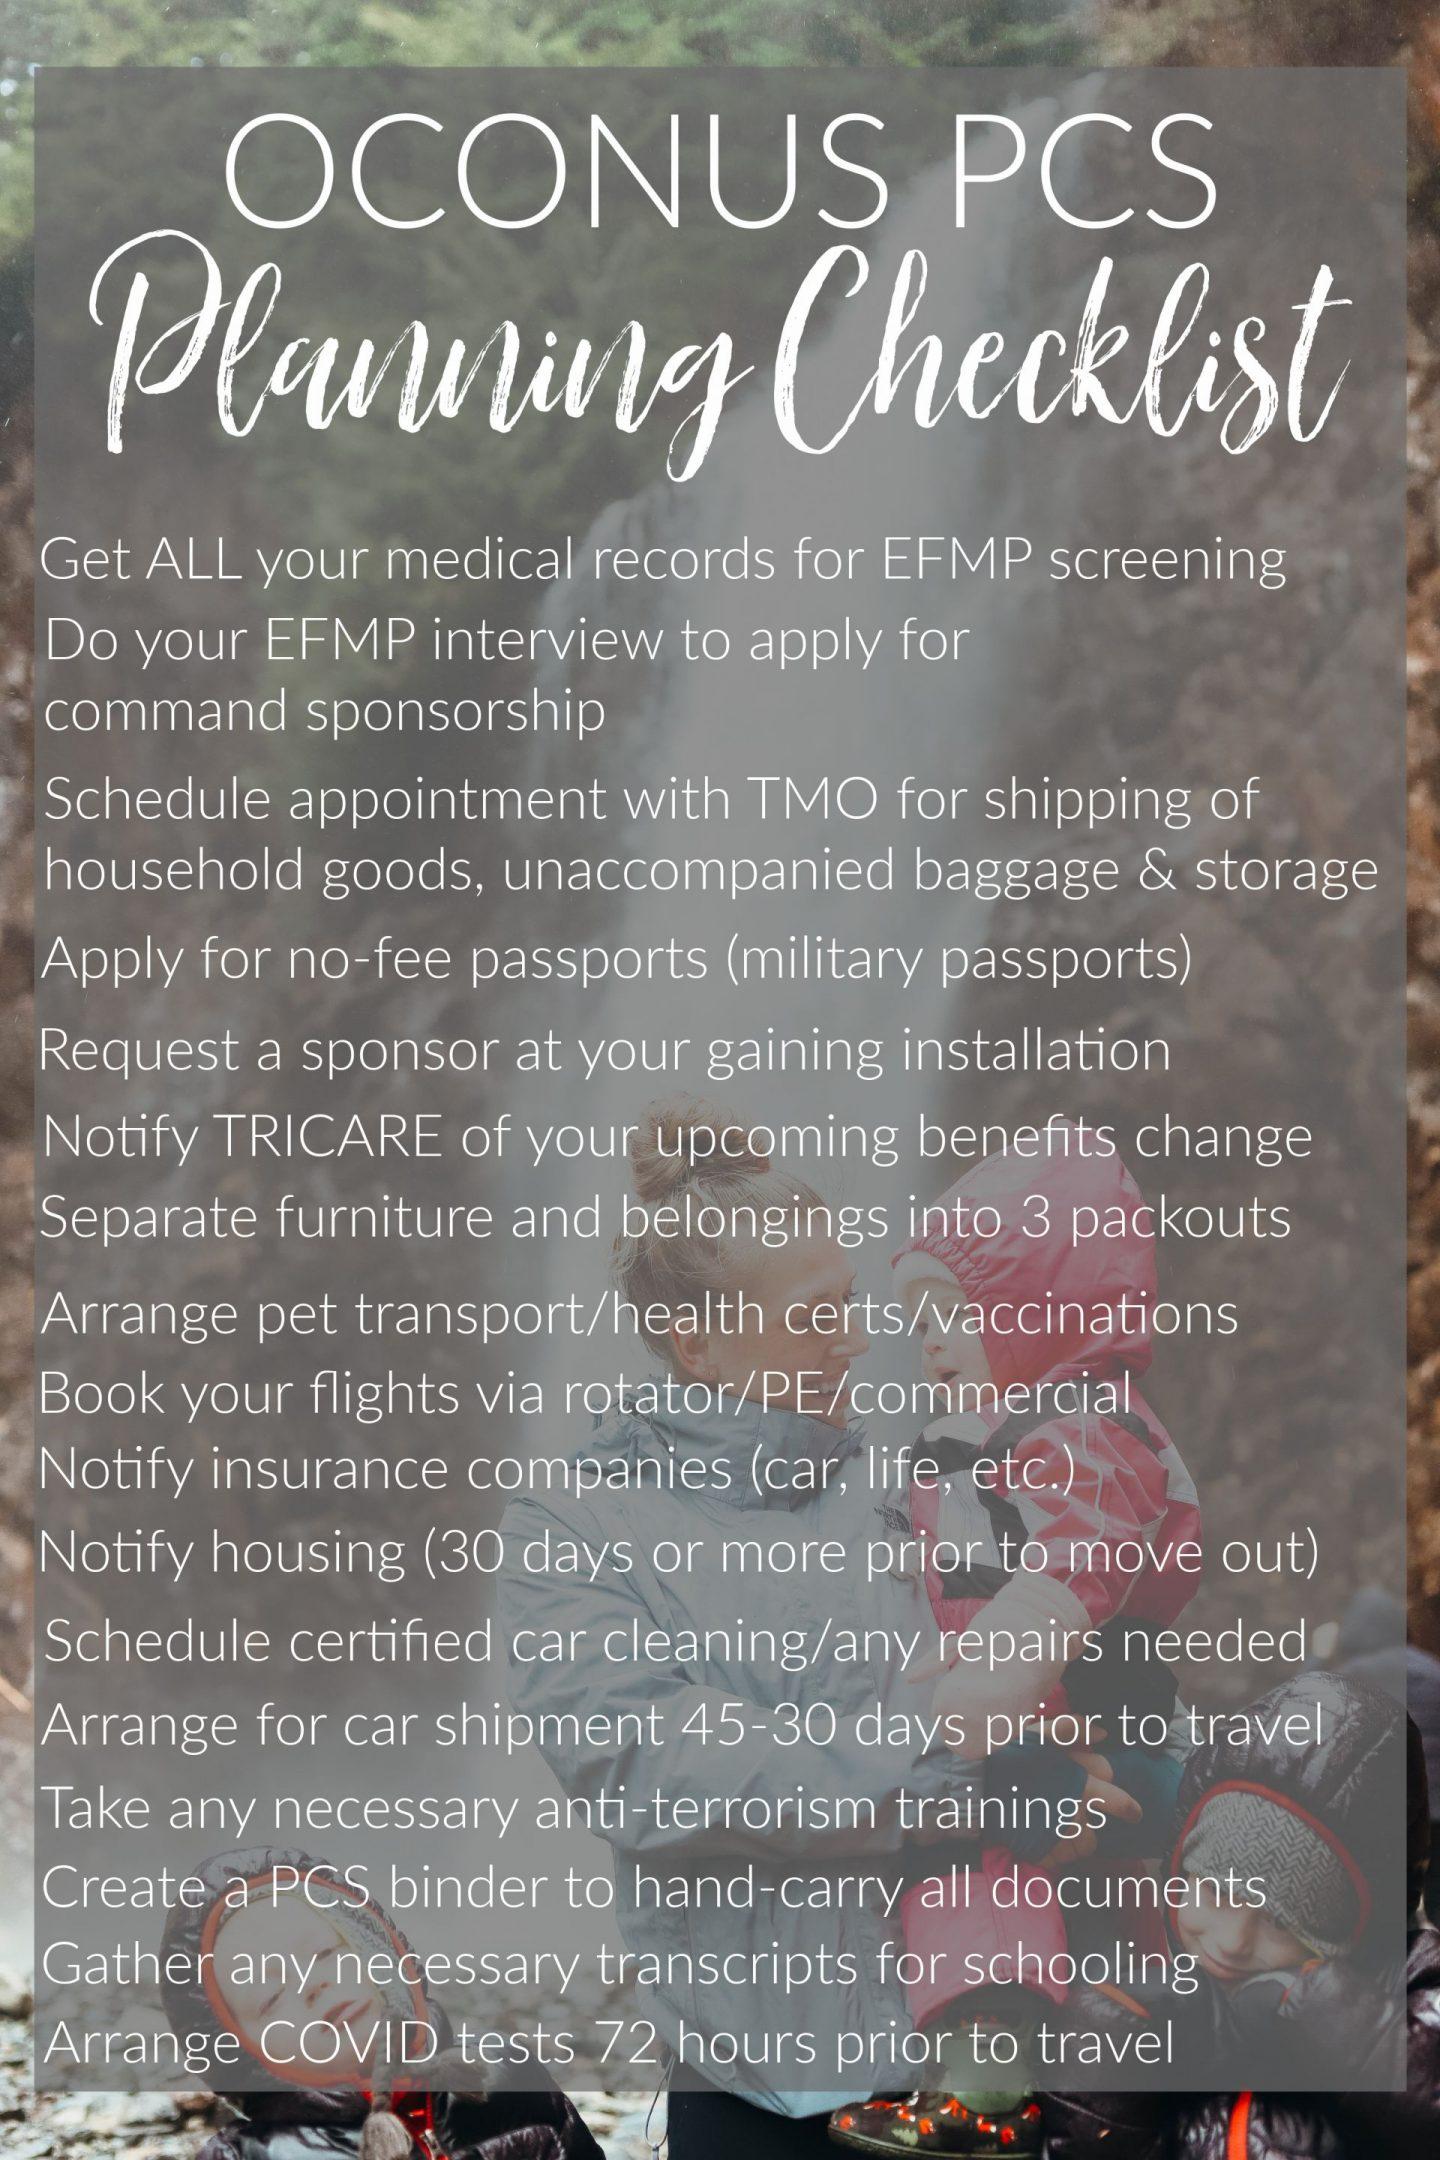 oconus pcs checklist